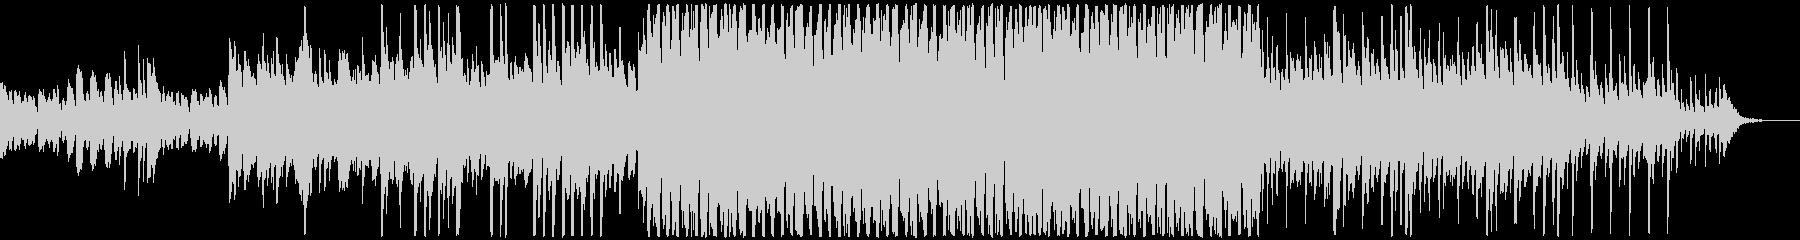 黒板とチョークのリズムにピアノの感動的曲の未再生の波形